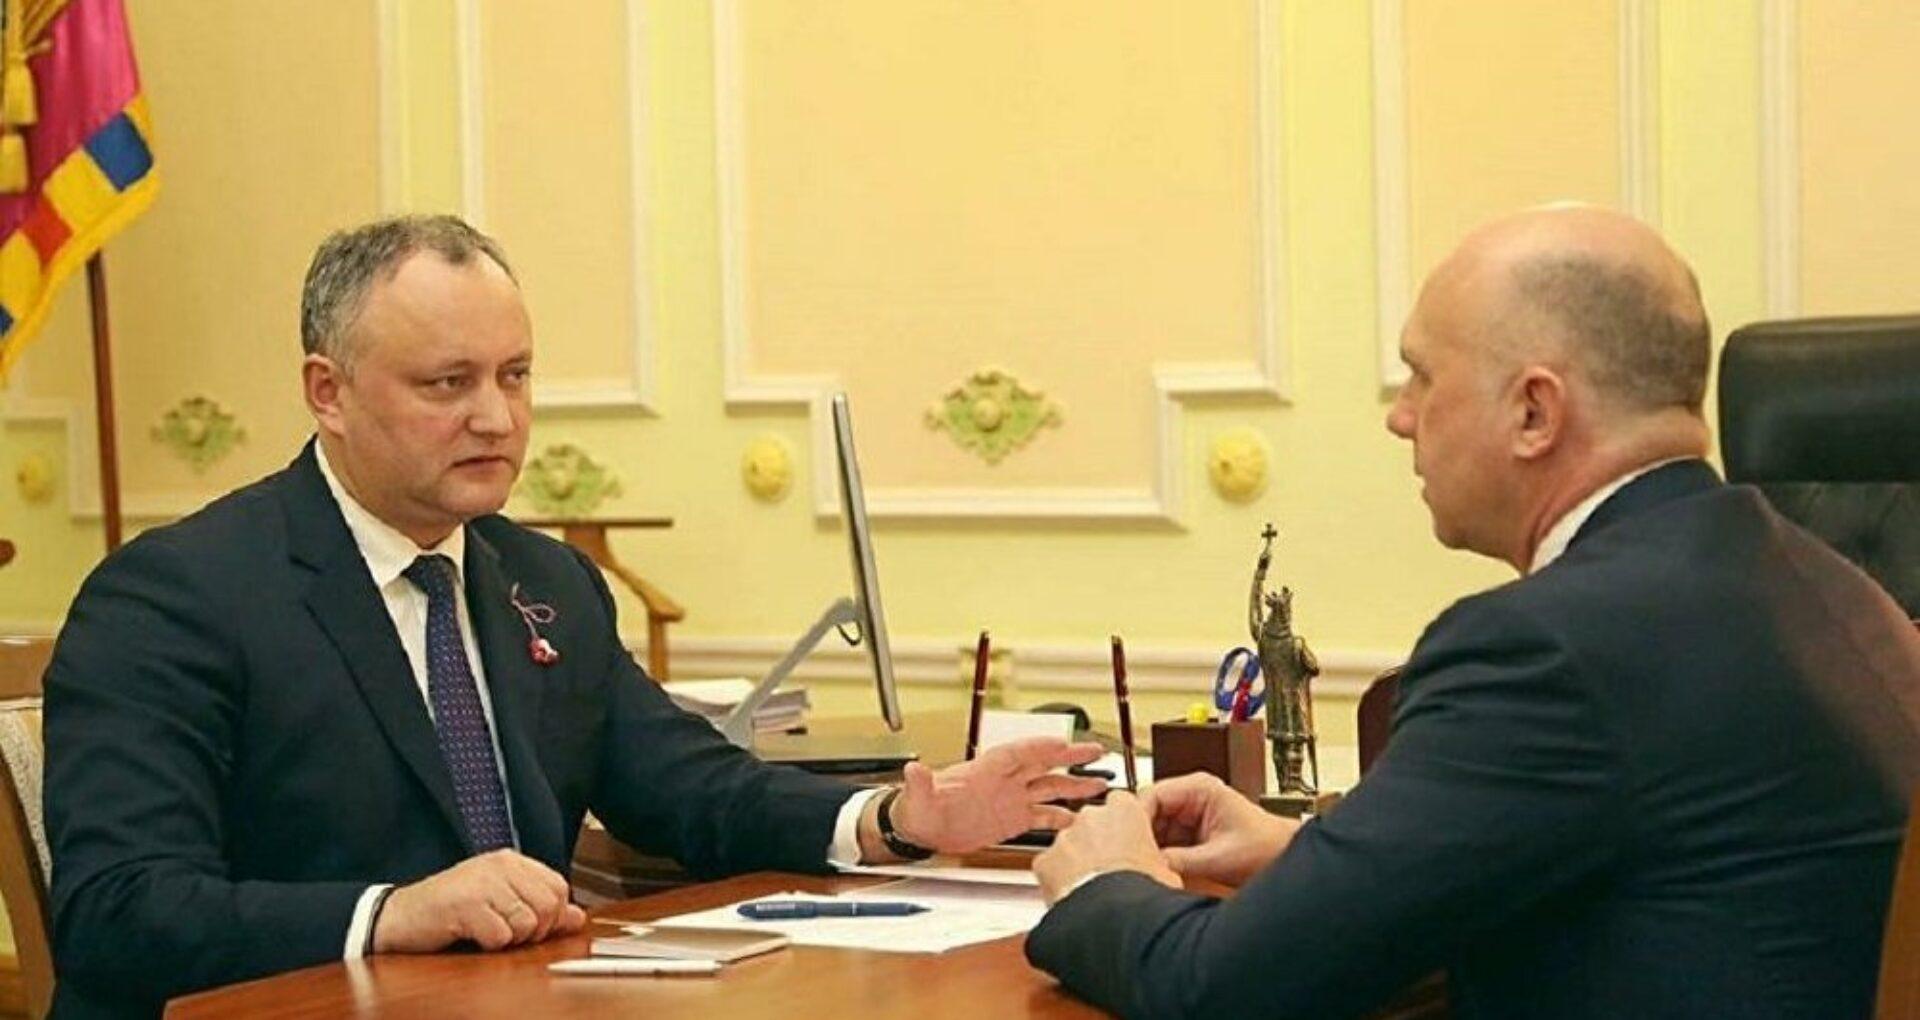 Dodon: Acordul de coaliție este în vigoare, dar PDM nu are mandate pentru a obține una din funcţiile principale în stat